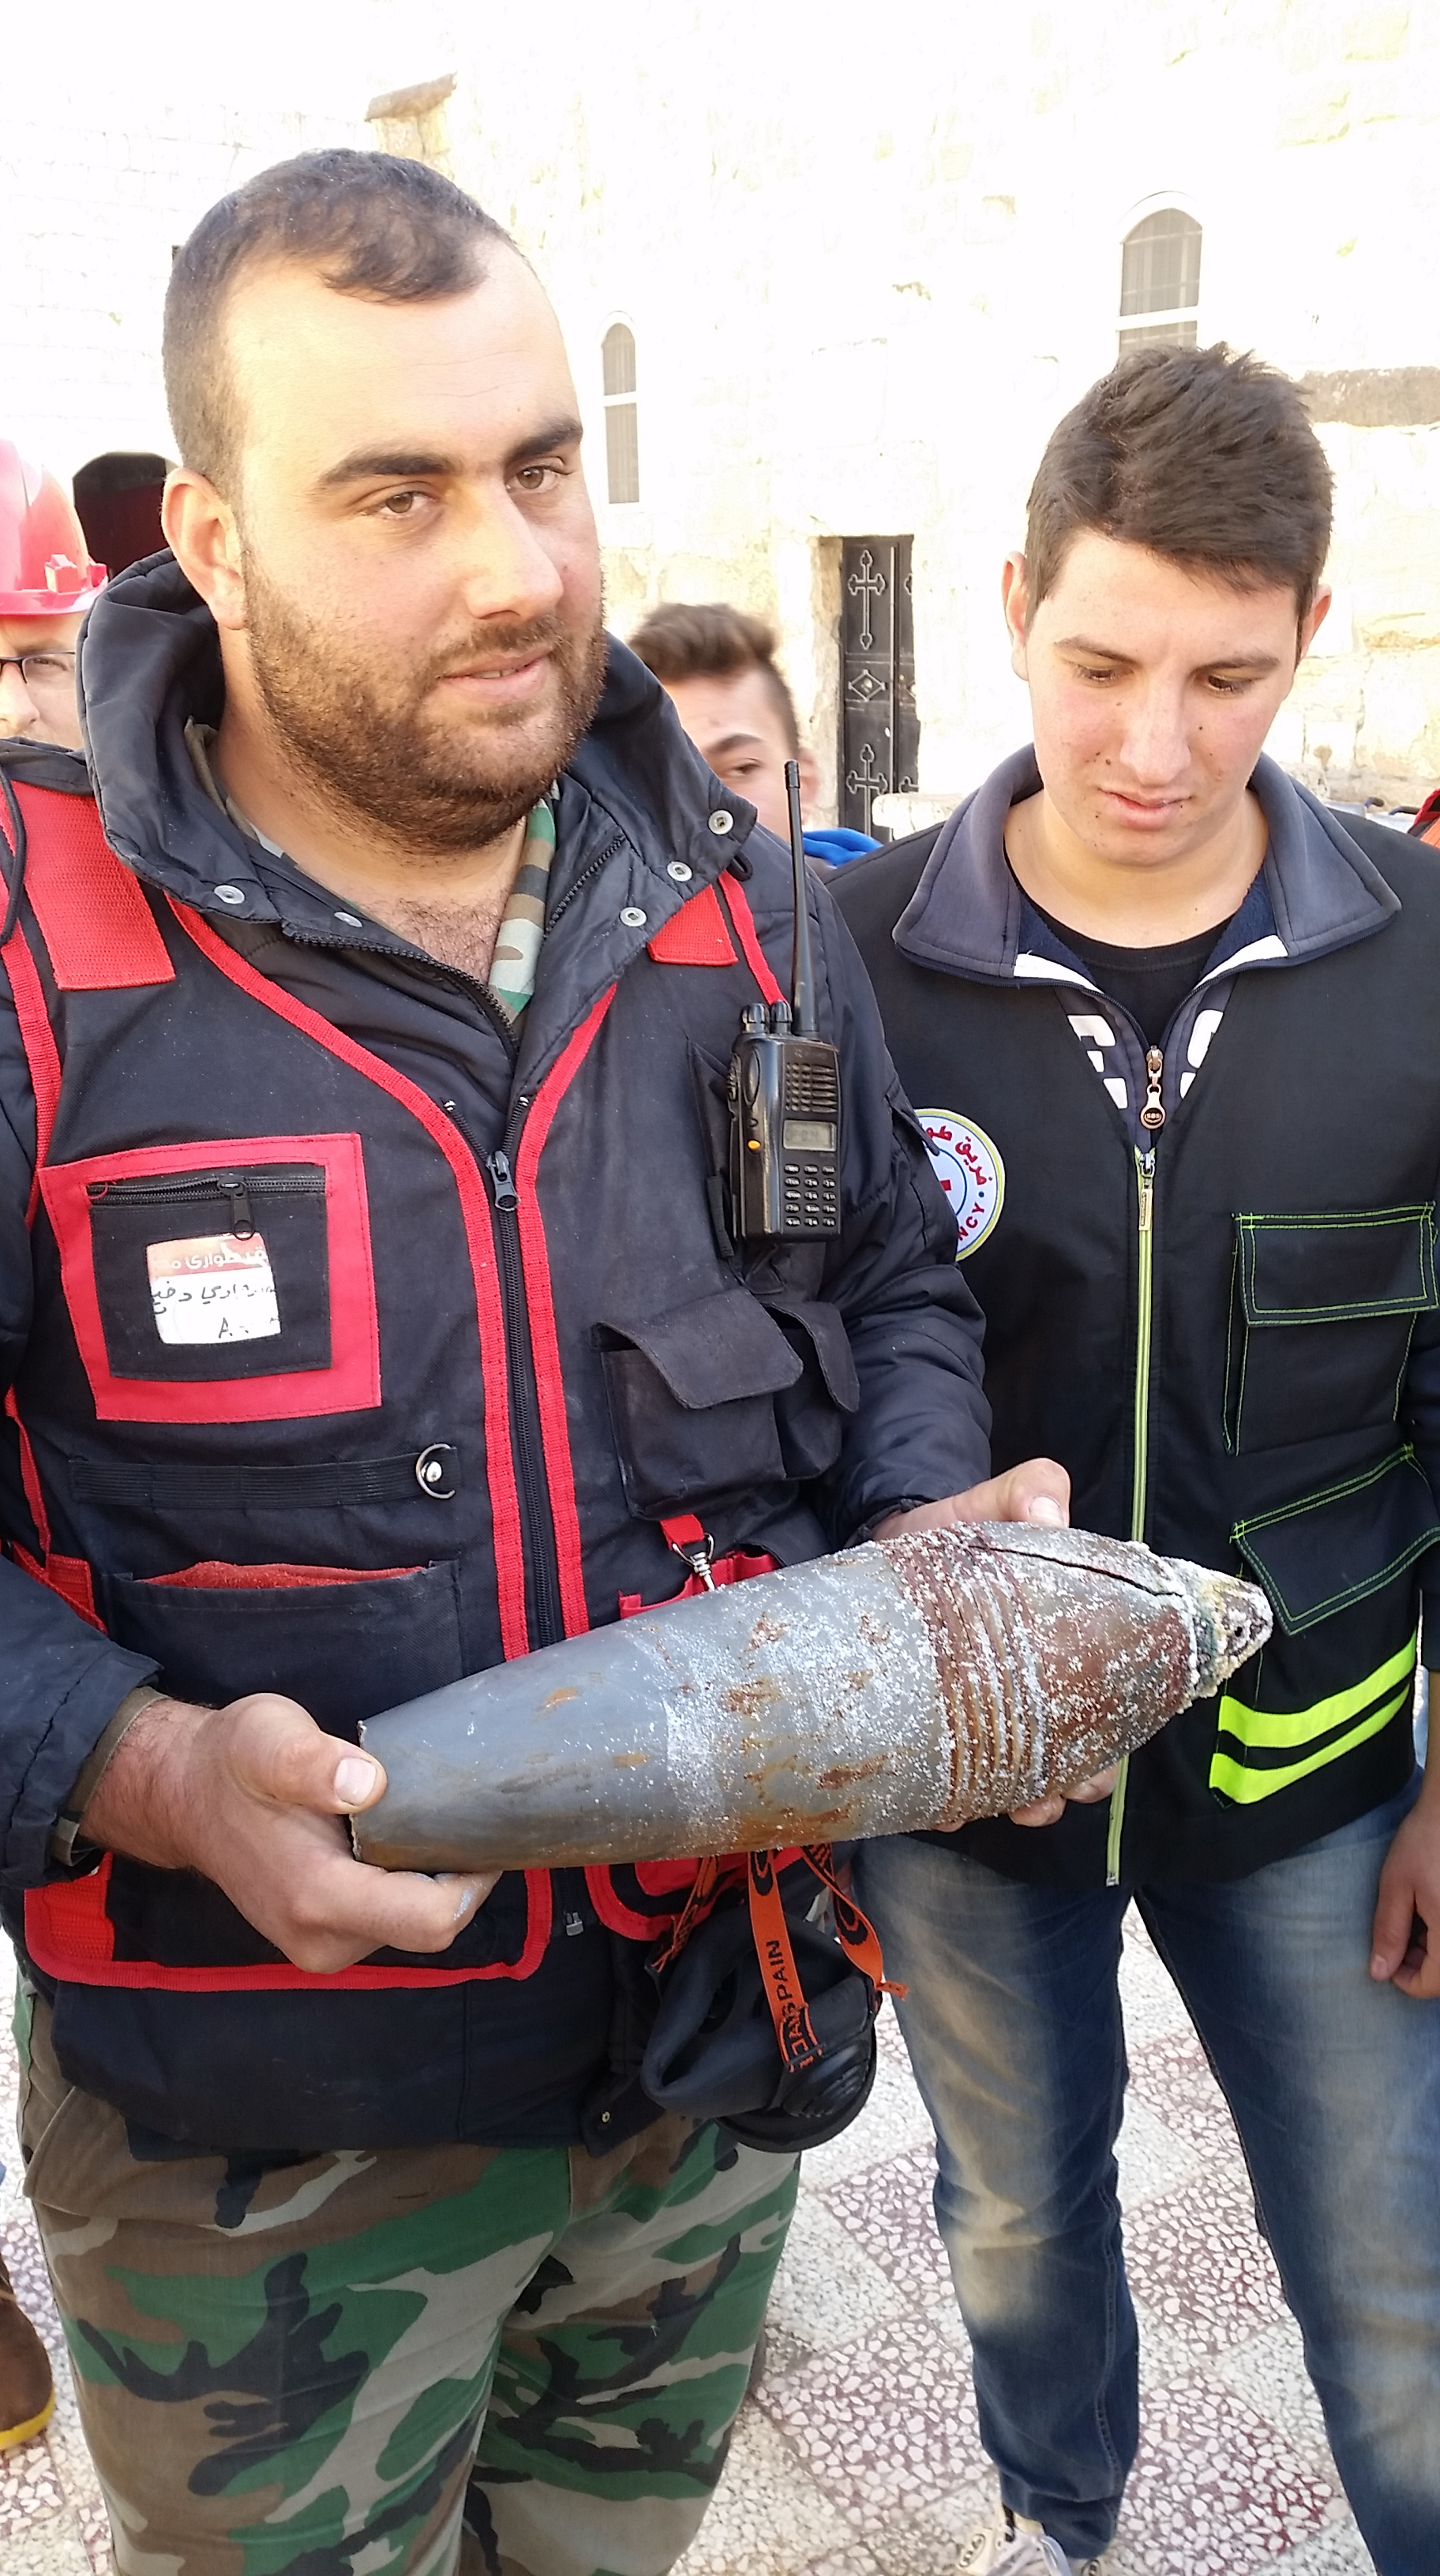 Les obus qui s'abattent tous les jours sur Mhardeh © Alexandre Meyer